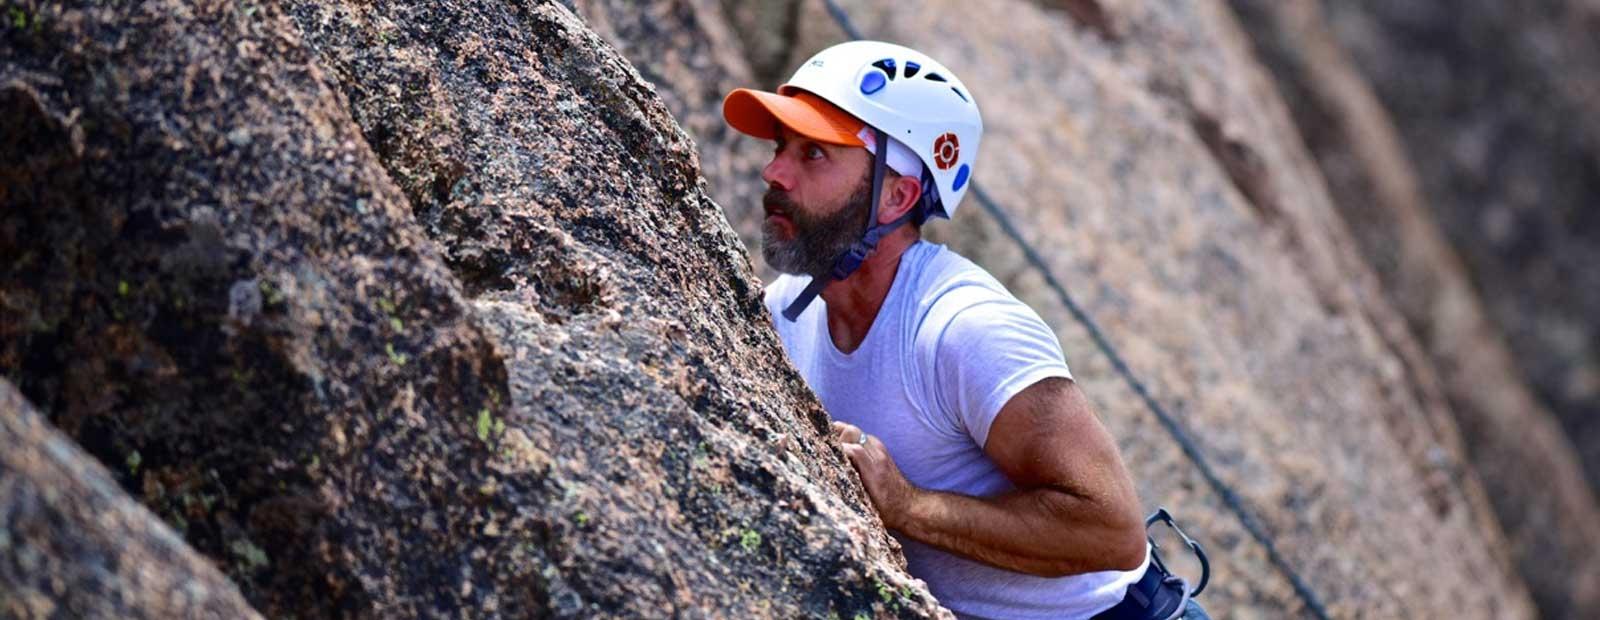 Man climbing up a rock face